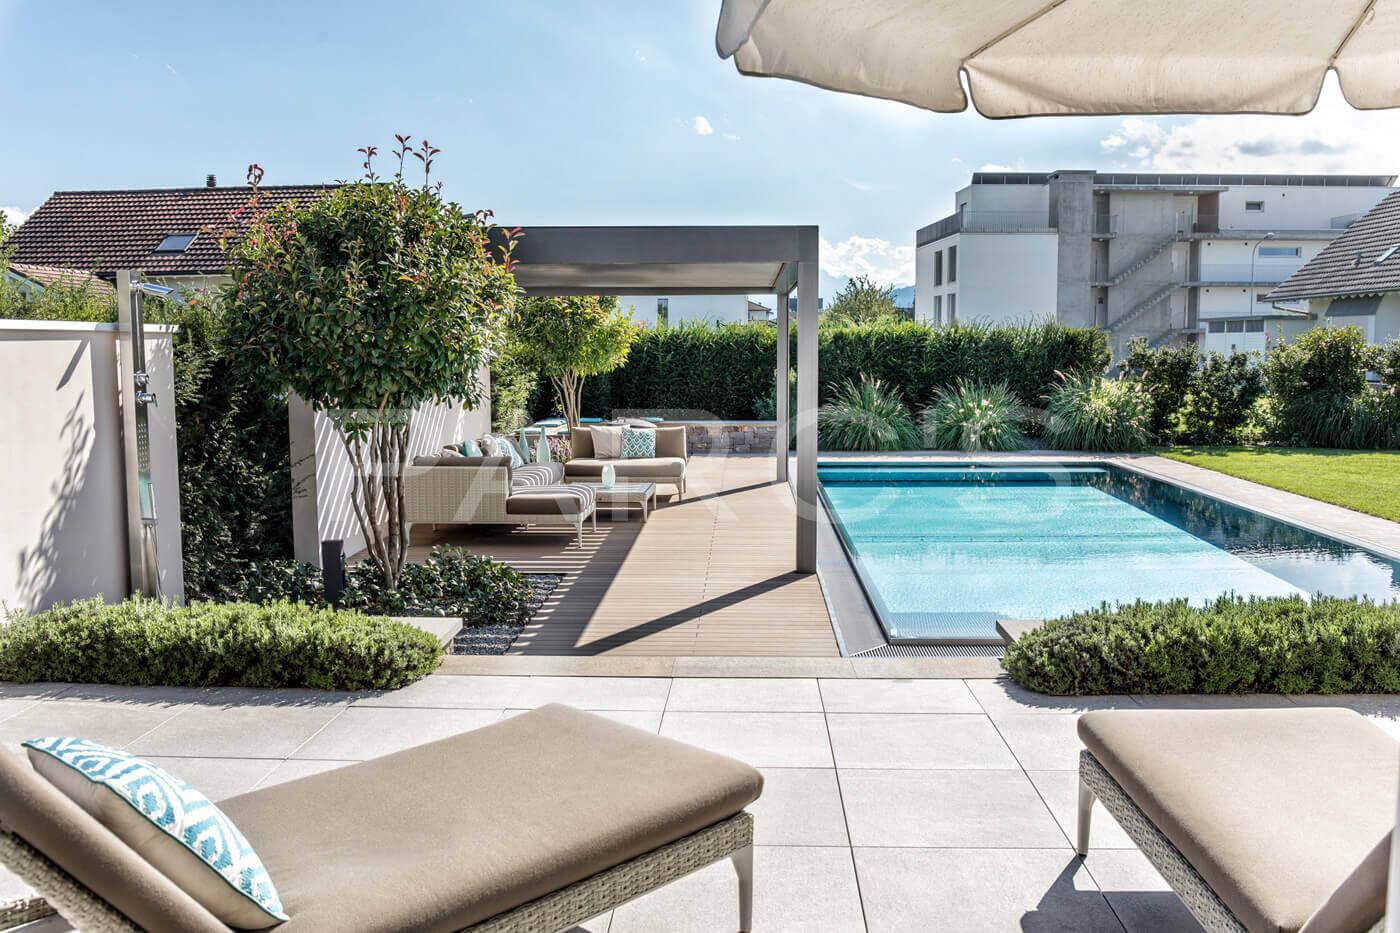 Beliebt Wohnlicher Garten mit Pool - Parc's Gartengestaltung PN45